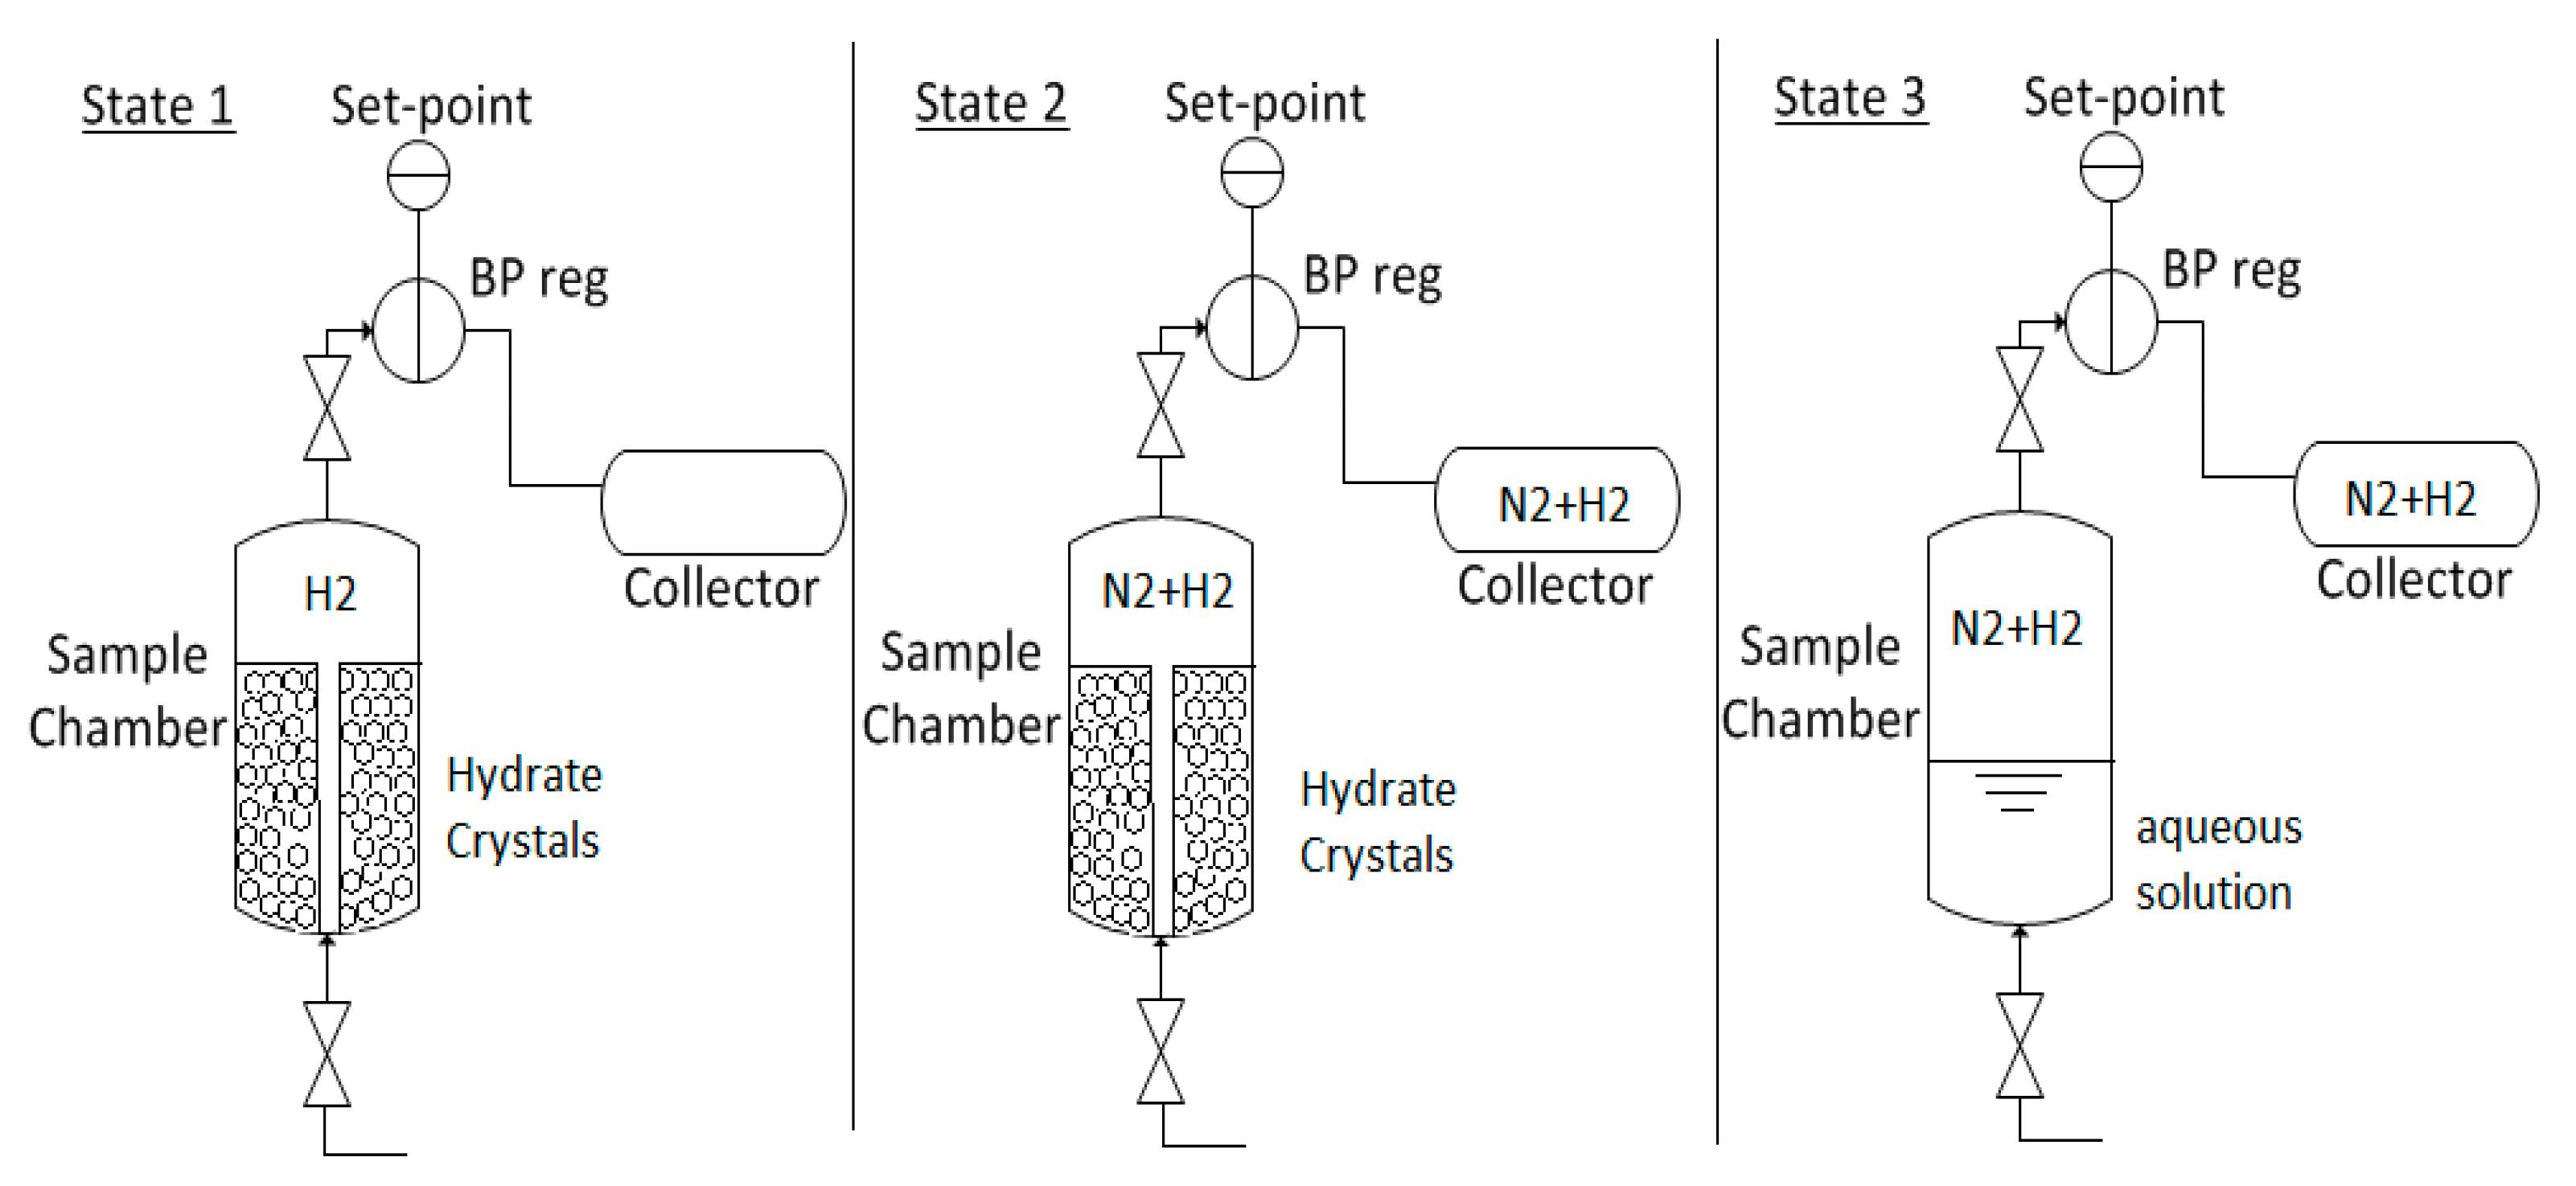 System Engineering Functional N2 Diagram